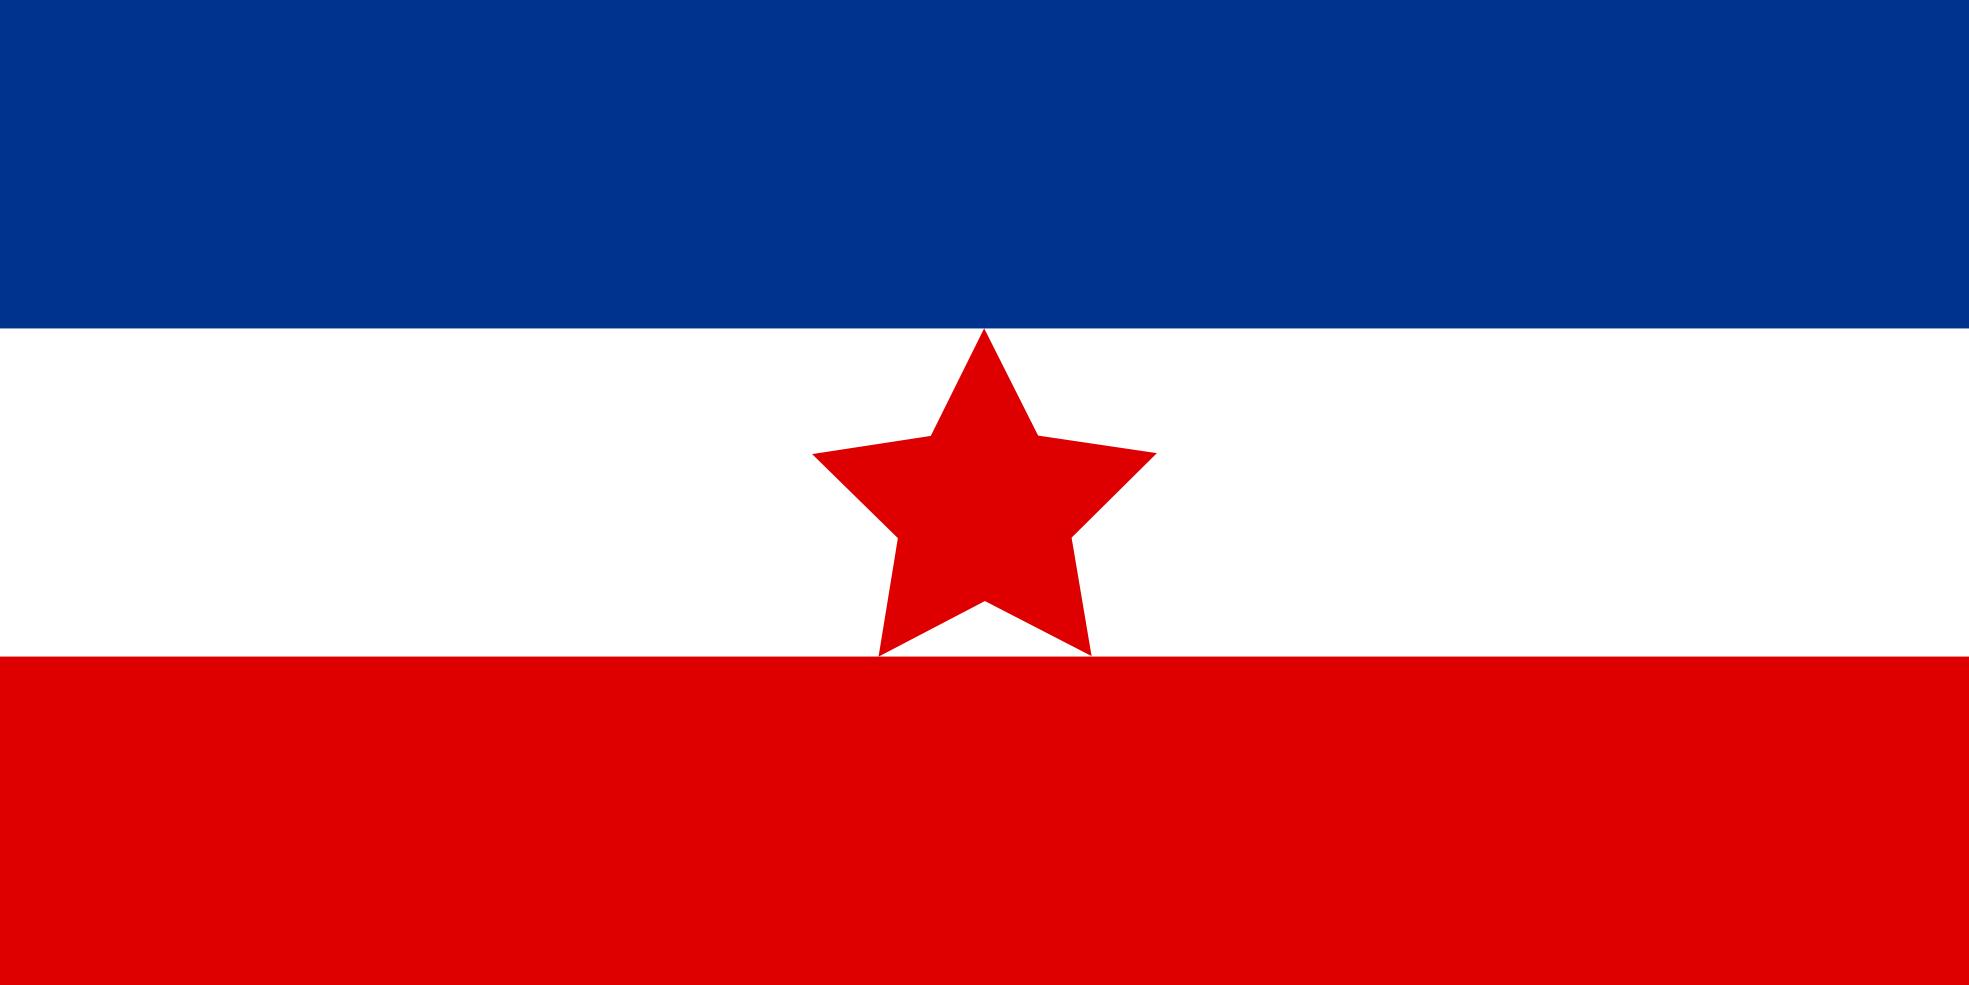 Yugoslav clipart.